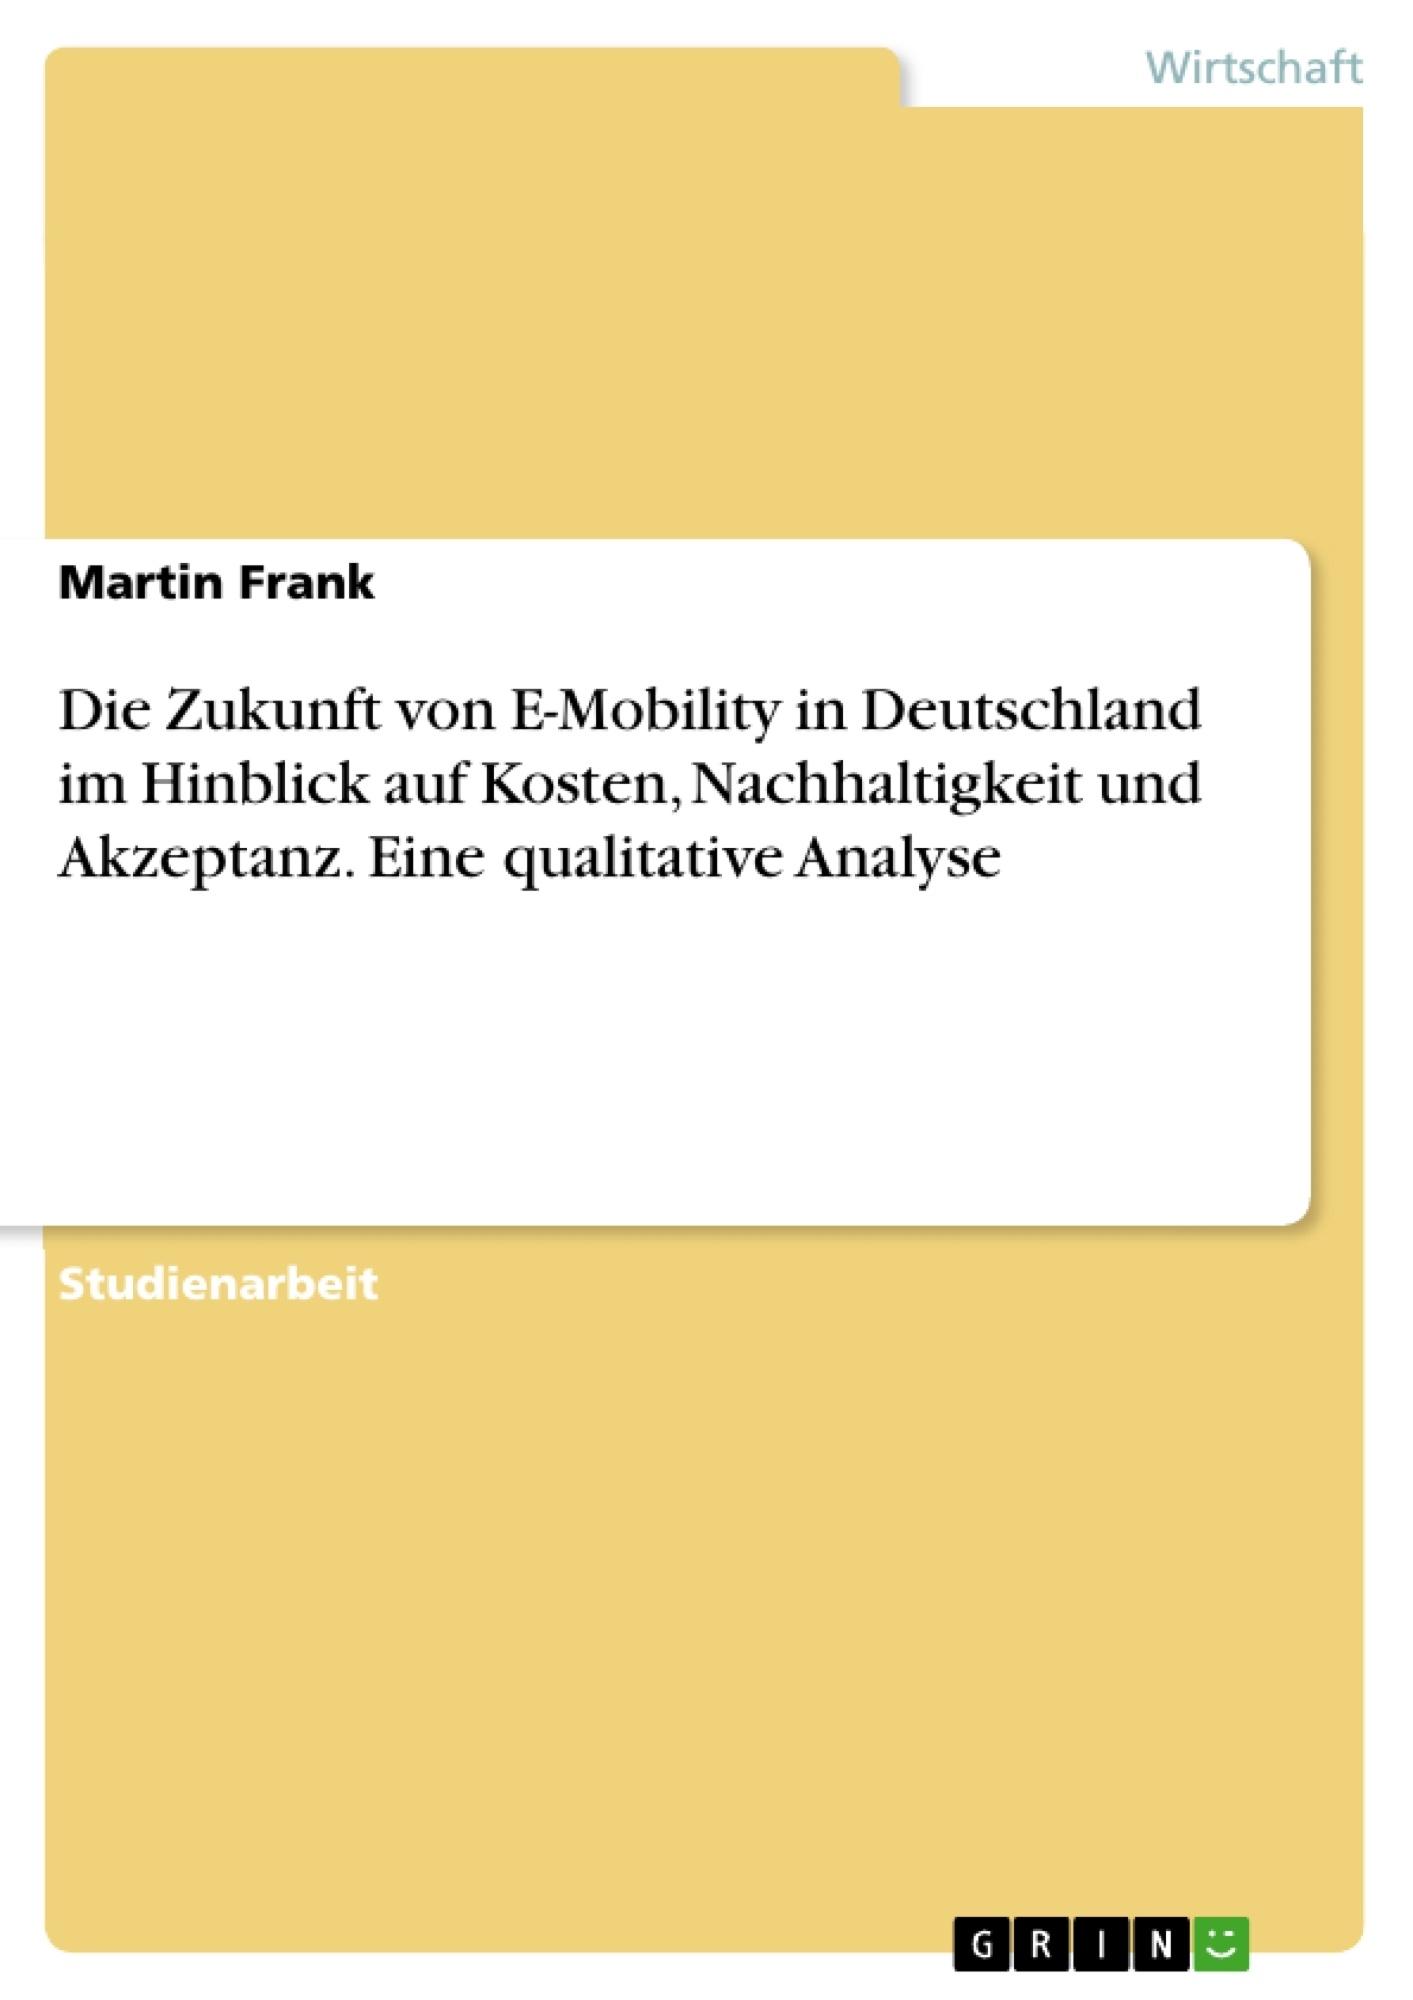 Titel: Die Zukunft von E-Mobility in Deutschland im Hinblick auf Kosten, Nachhaltigkeit und Akzeptanz. Eine qualitative Analyse